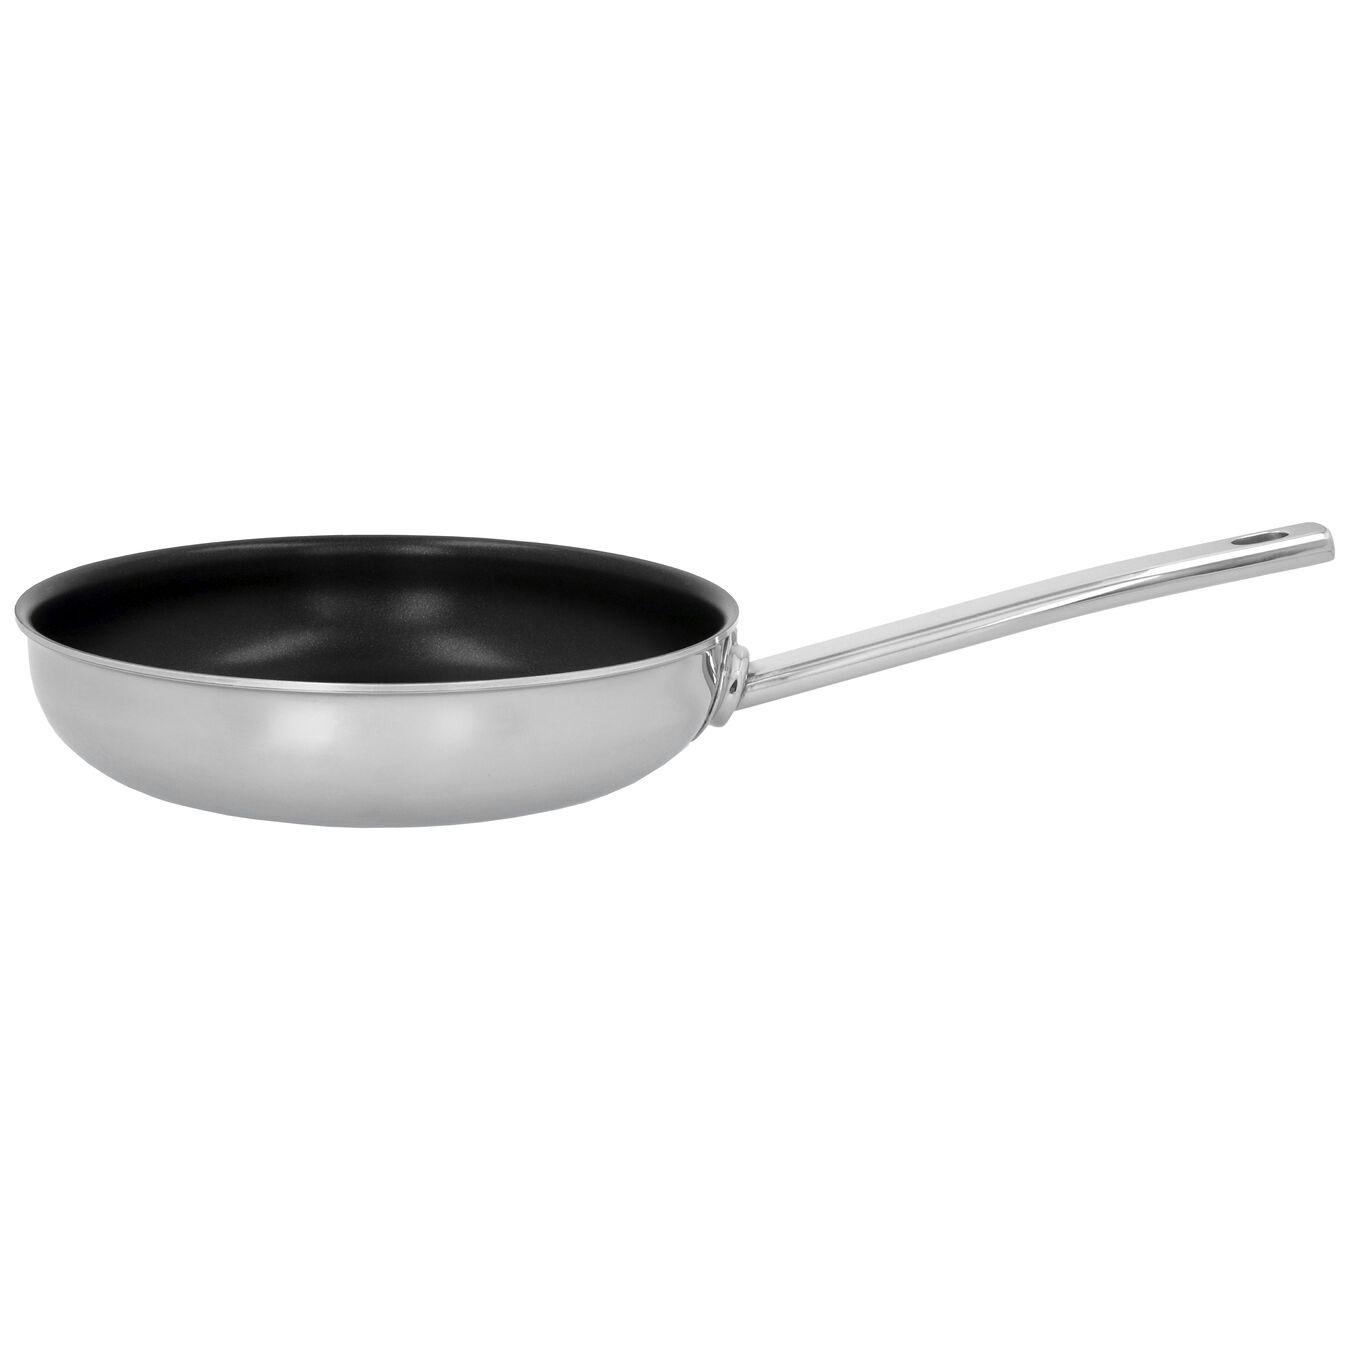 Poêle 24 cm, Inox 18/10, Noir argenté,,large 1